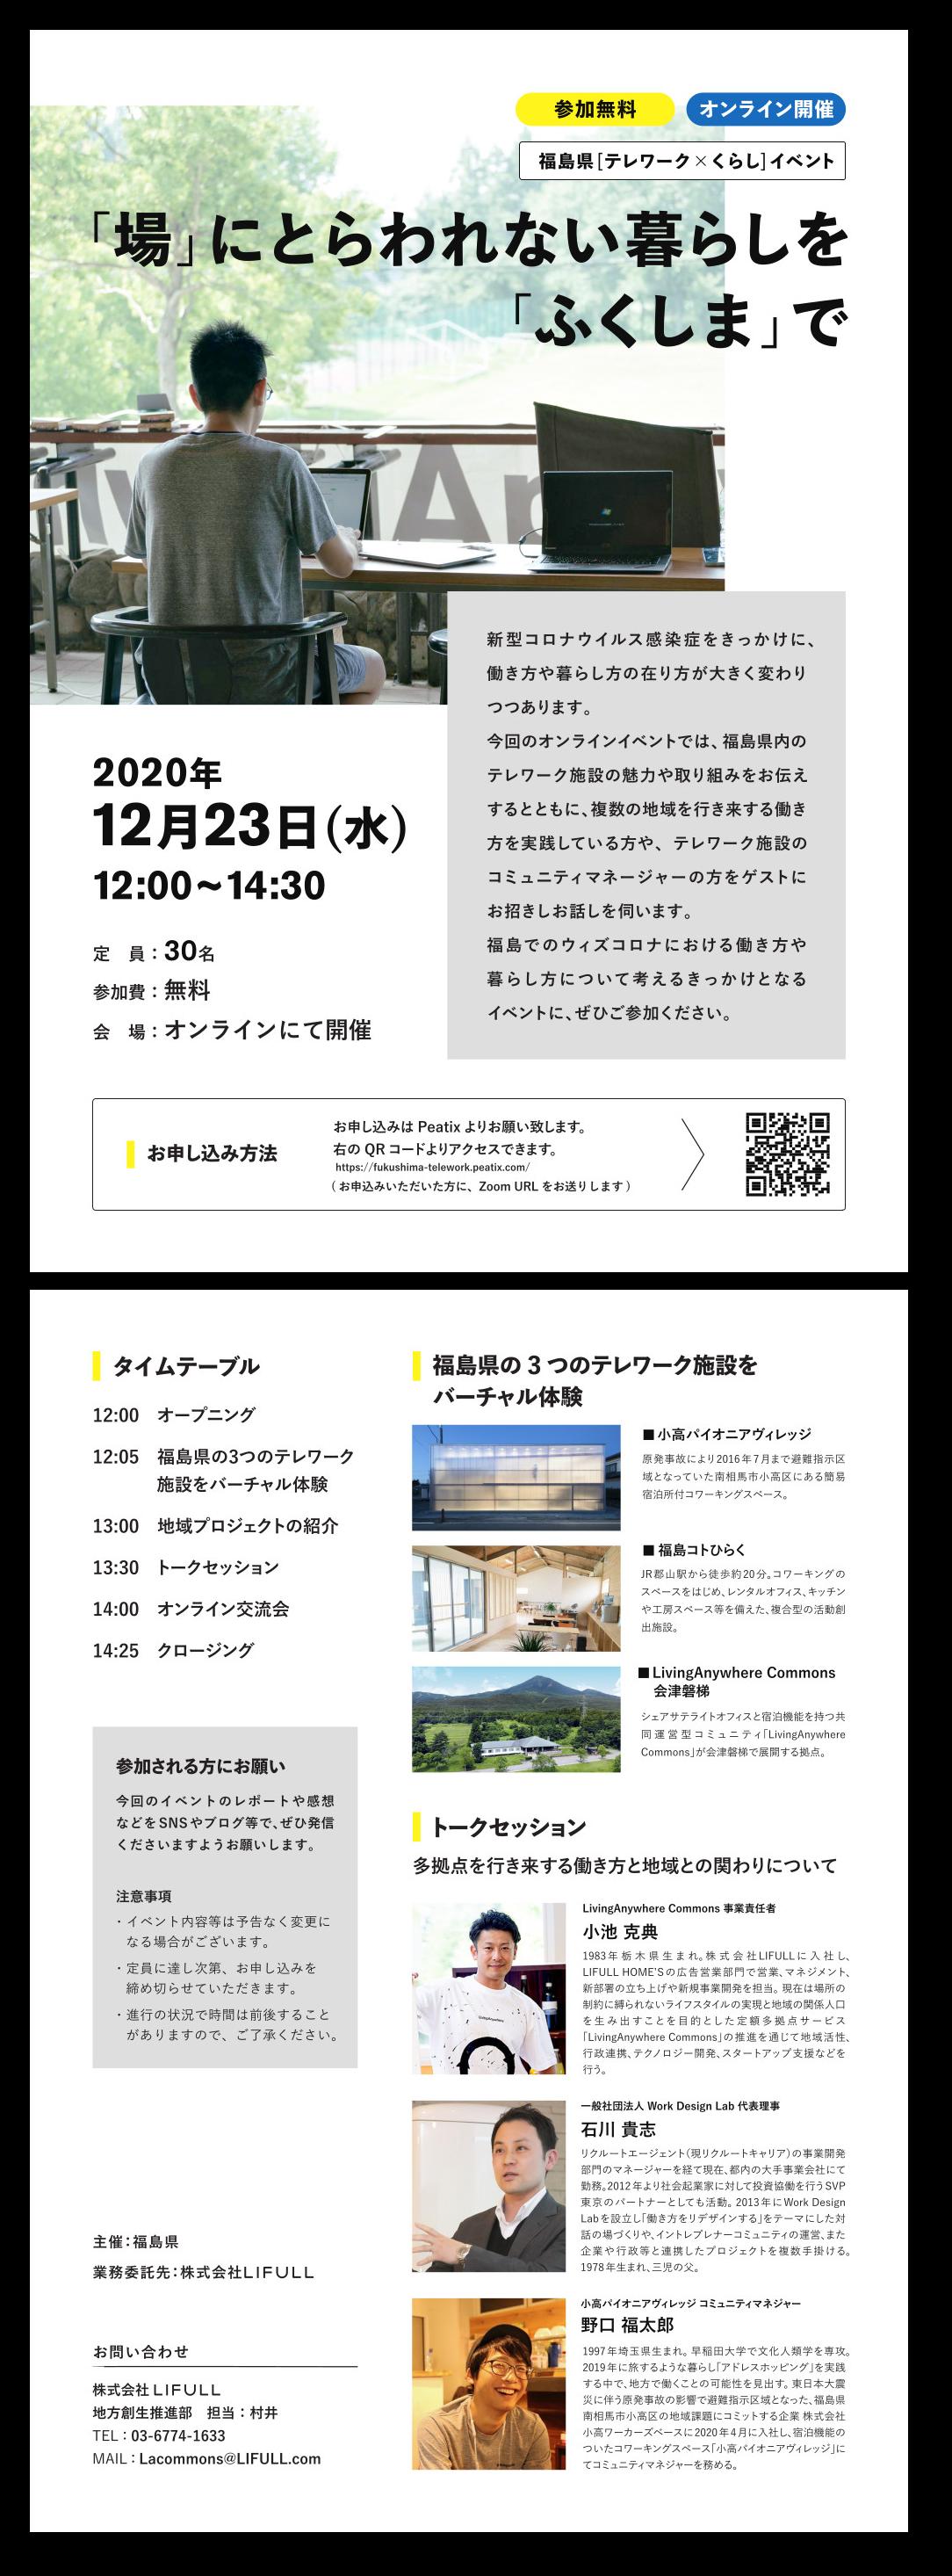 福島県テレワーク